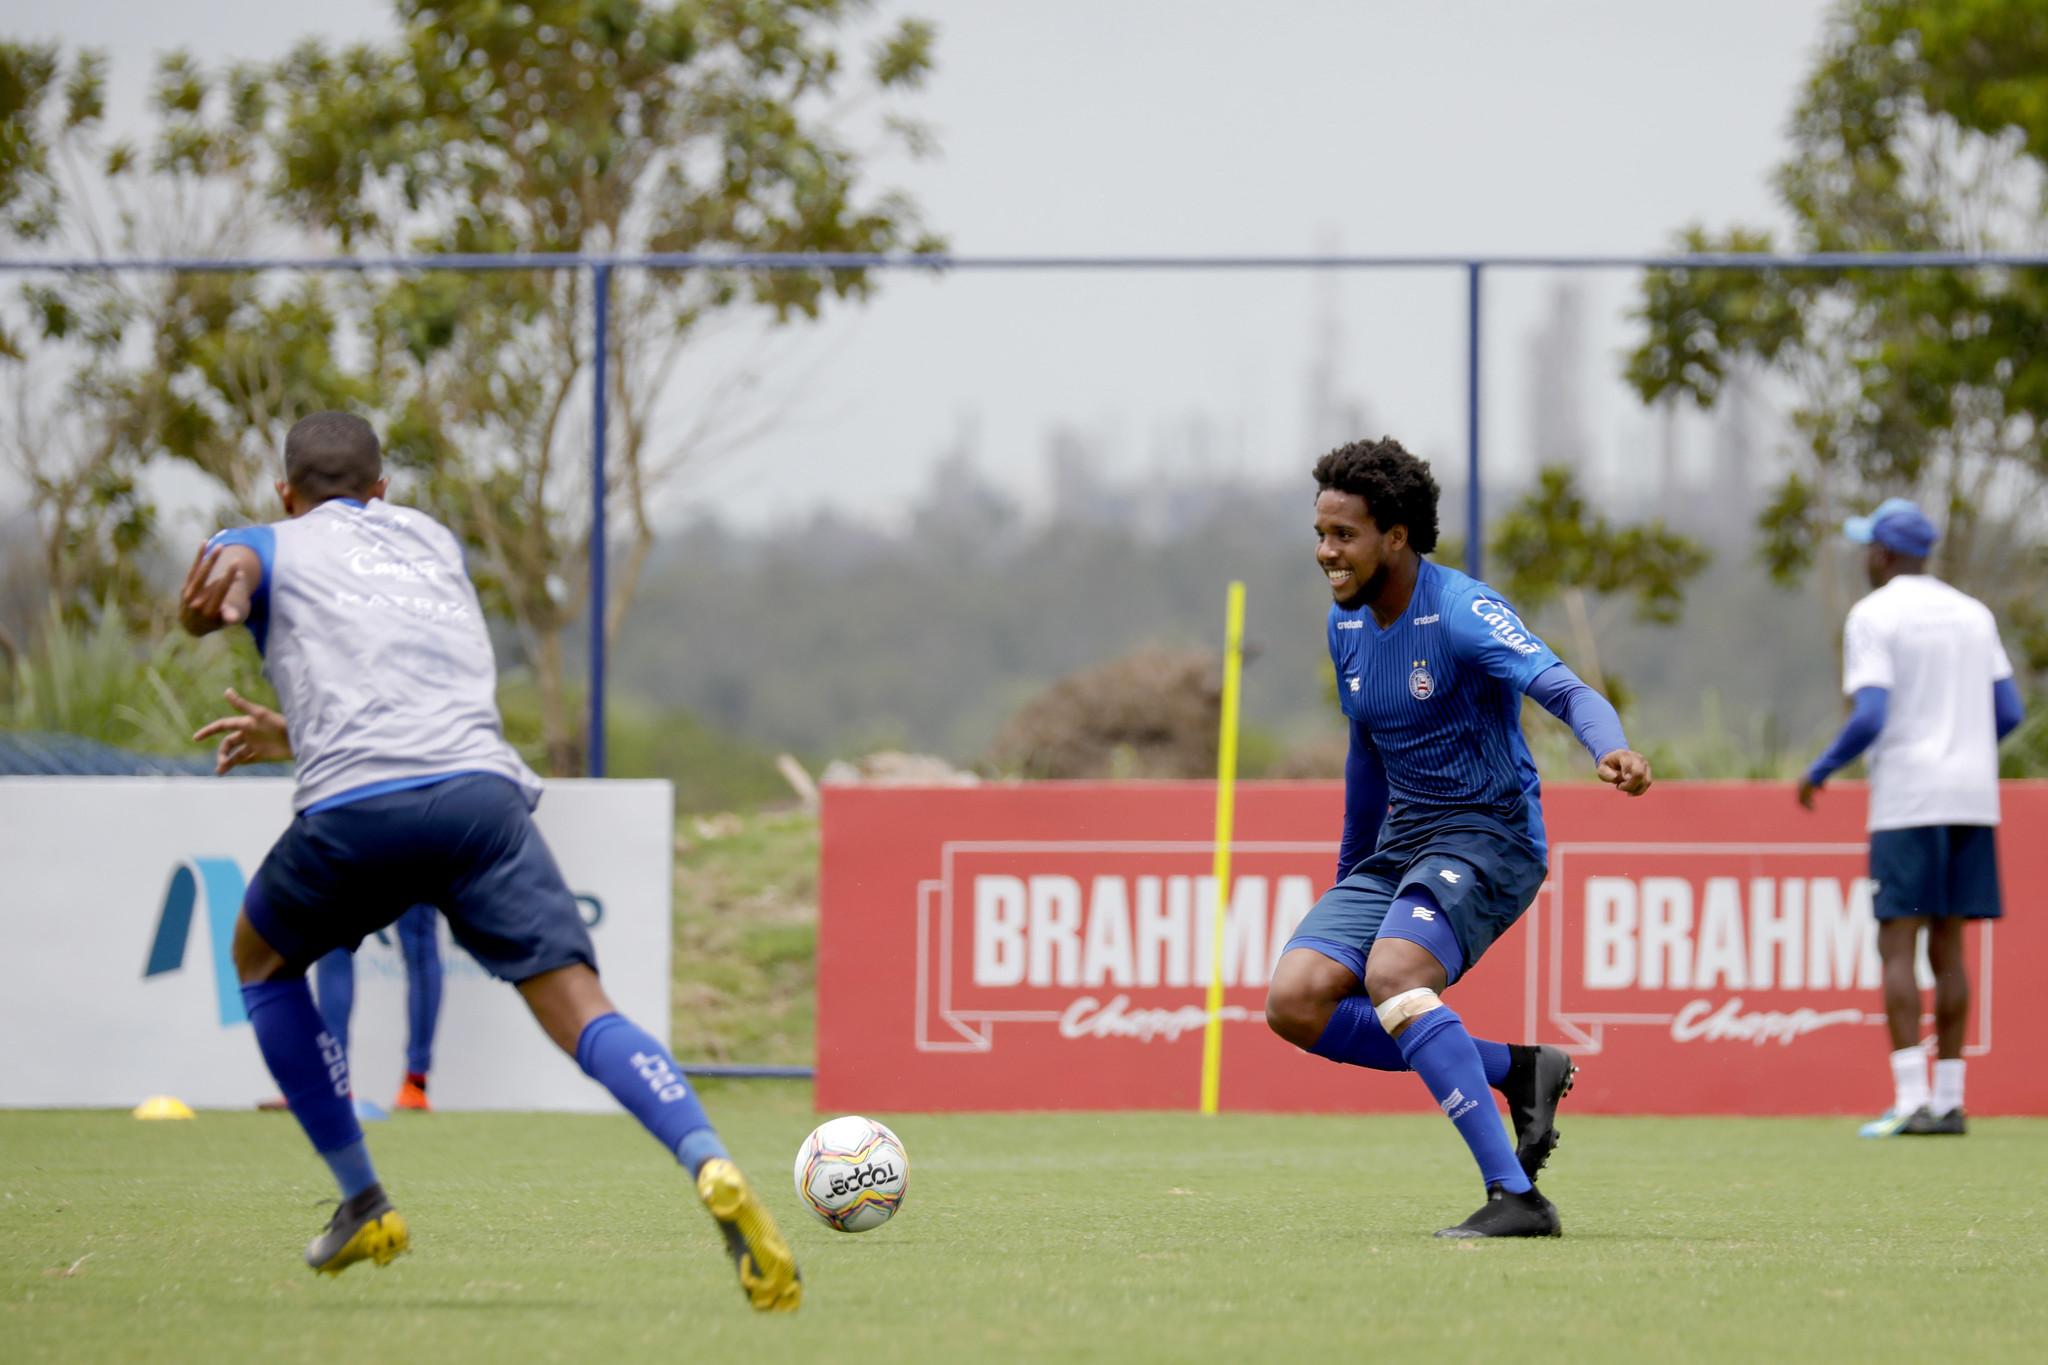 Jaques, zagueiro formado no Bahia